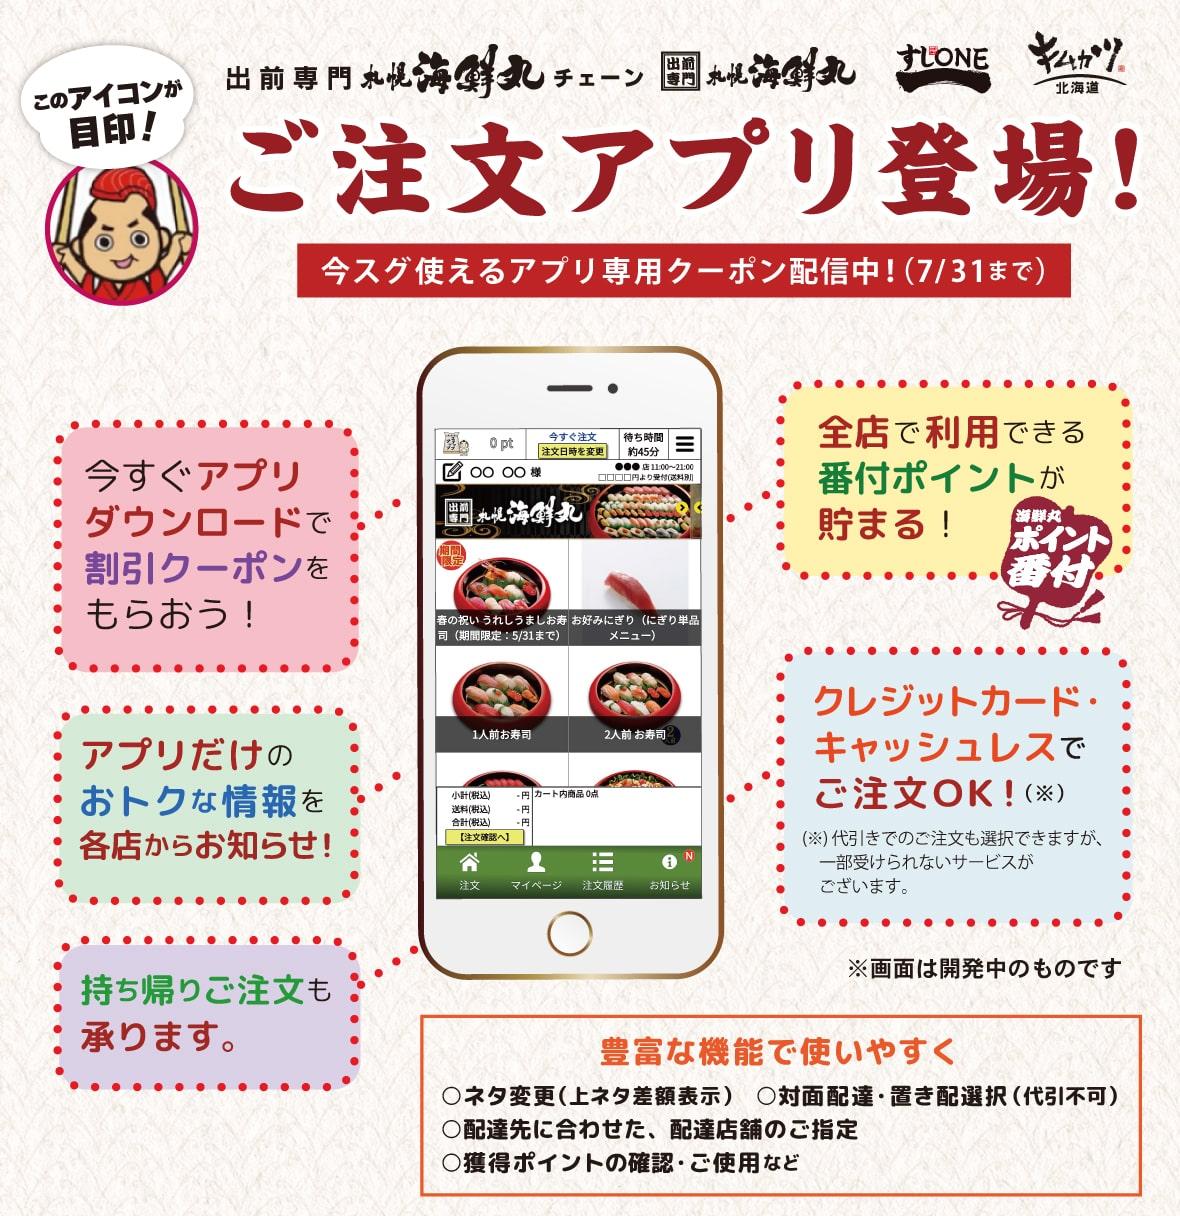 札幌海鮮丸チェーンのご注文アプリ登場!